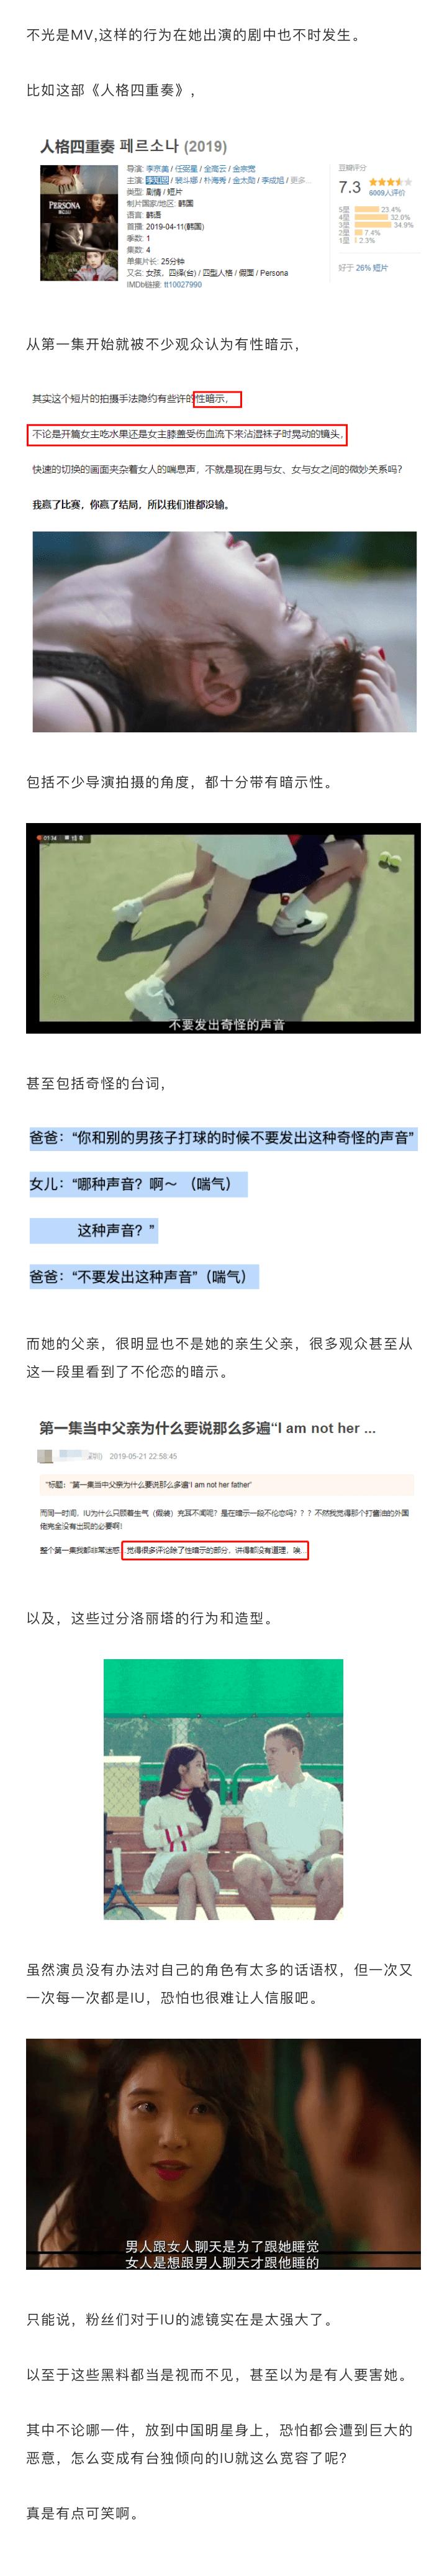 床照、恋童 台独 她又公开X暗示了?!